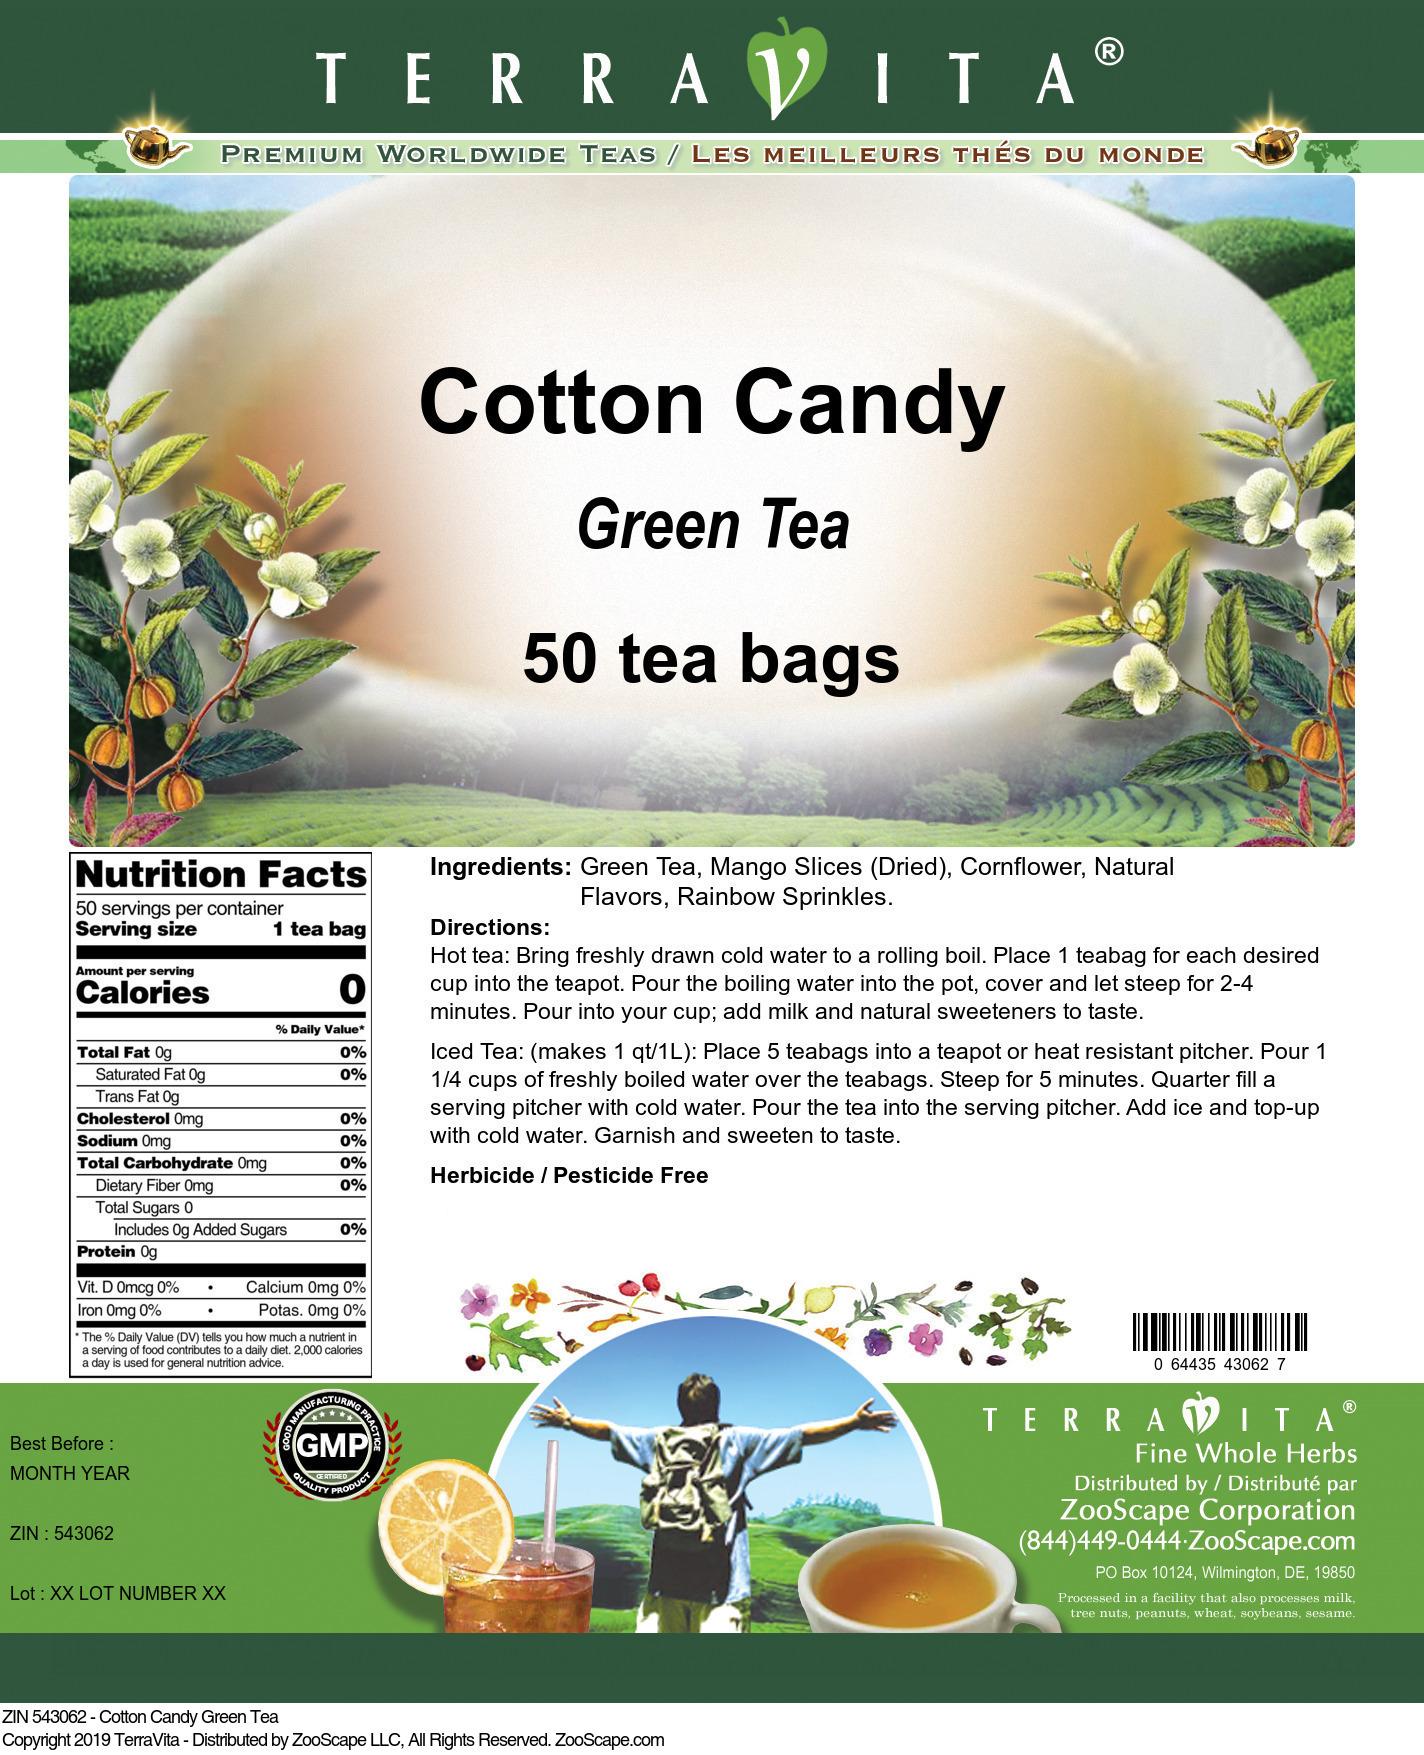 Cotton Candy Green Tea